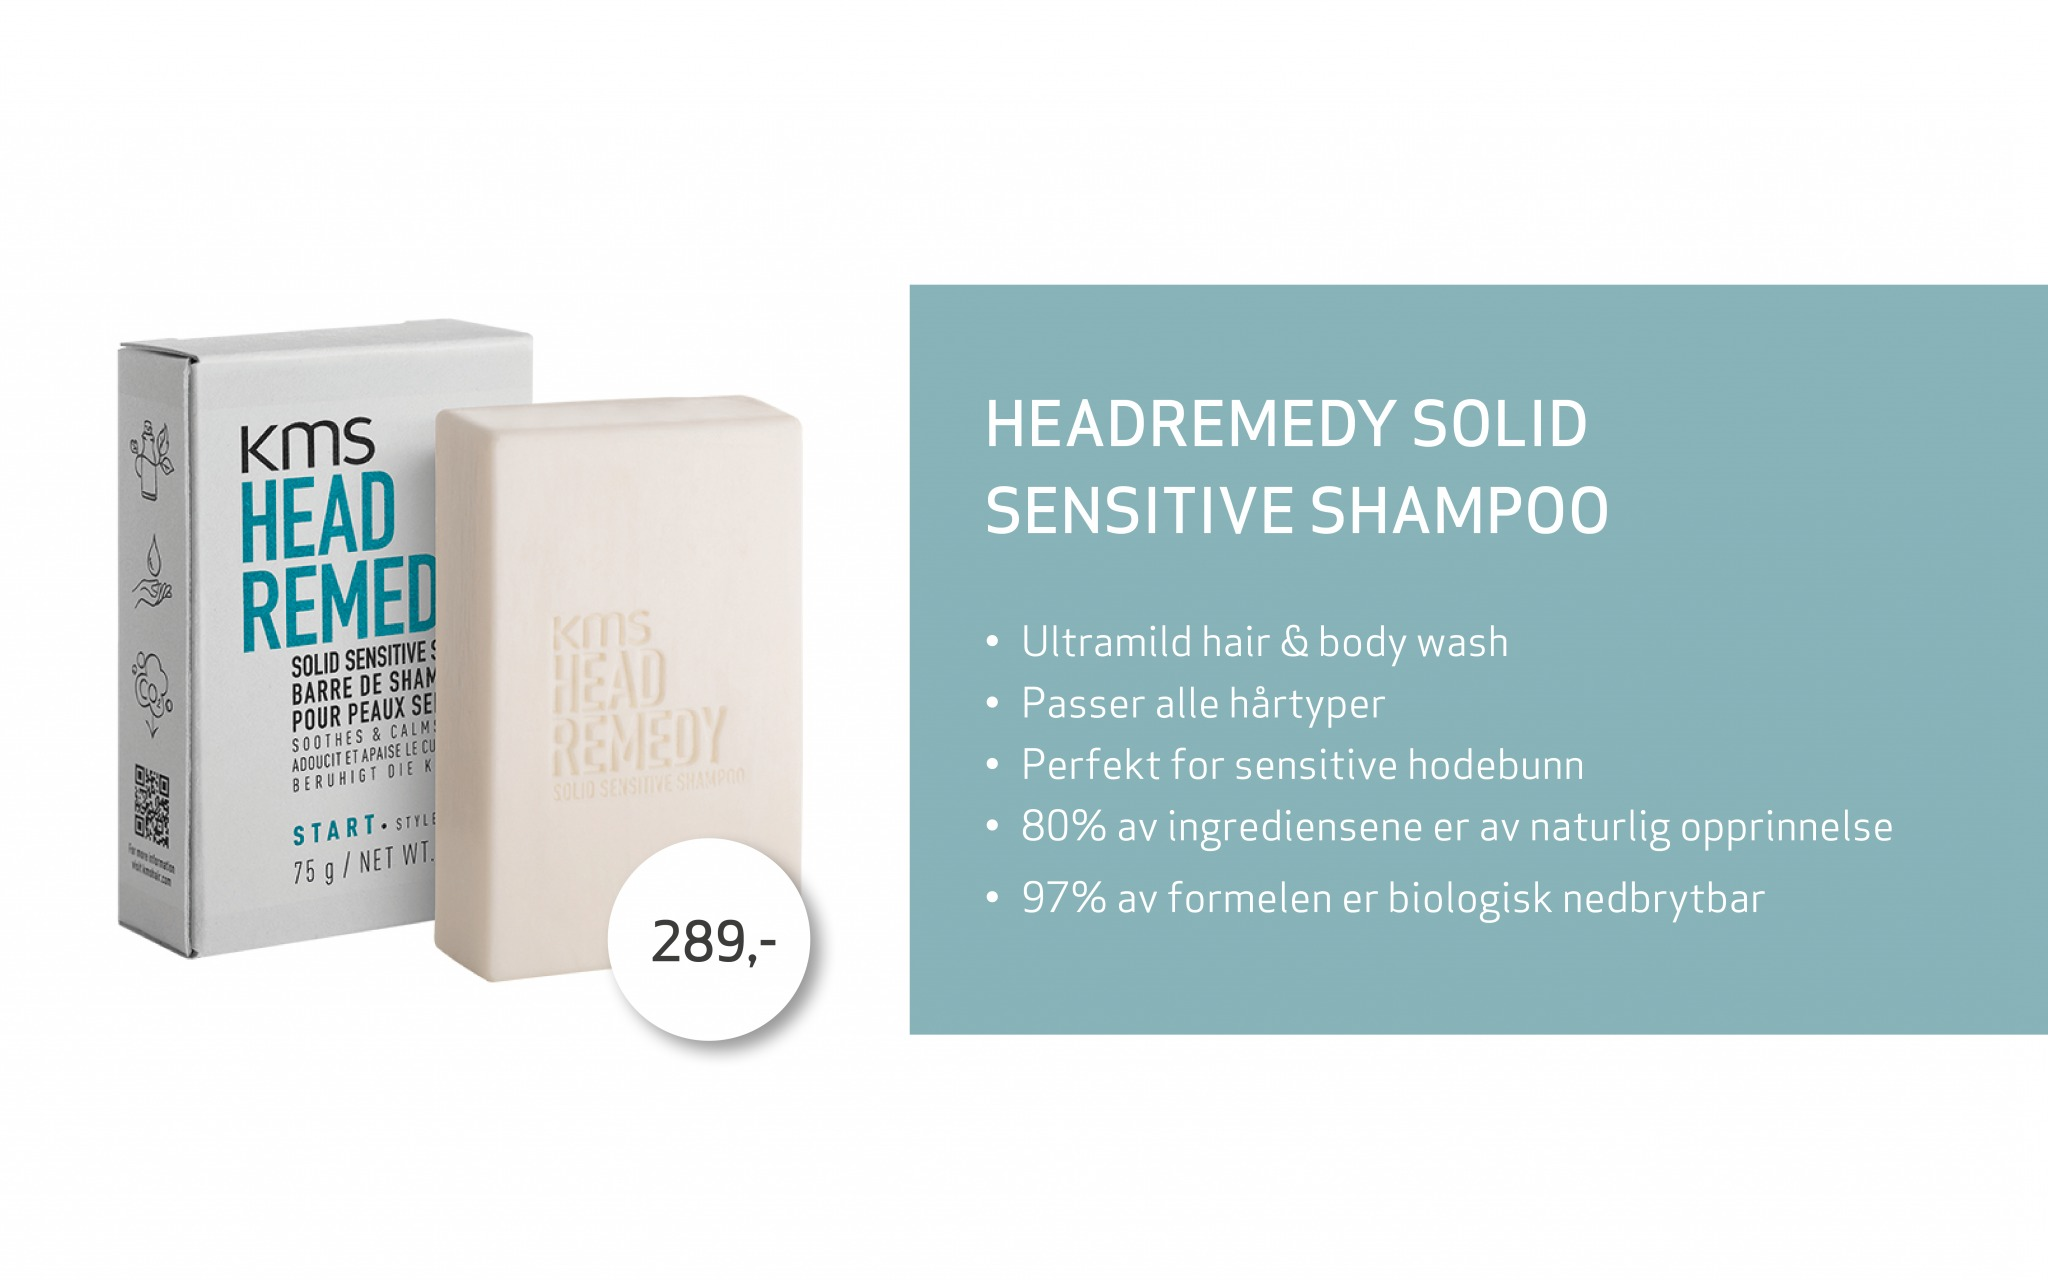 Headremedy shampoo